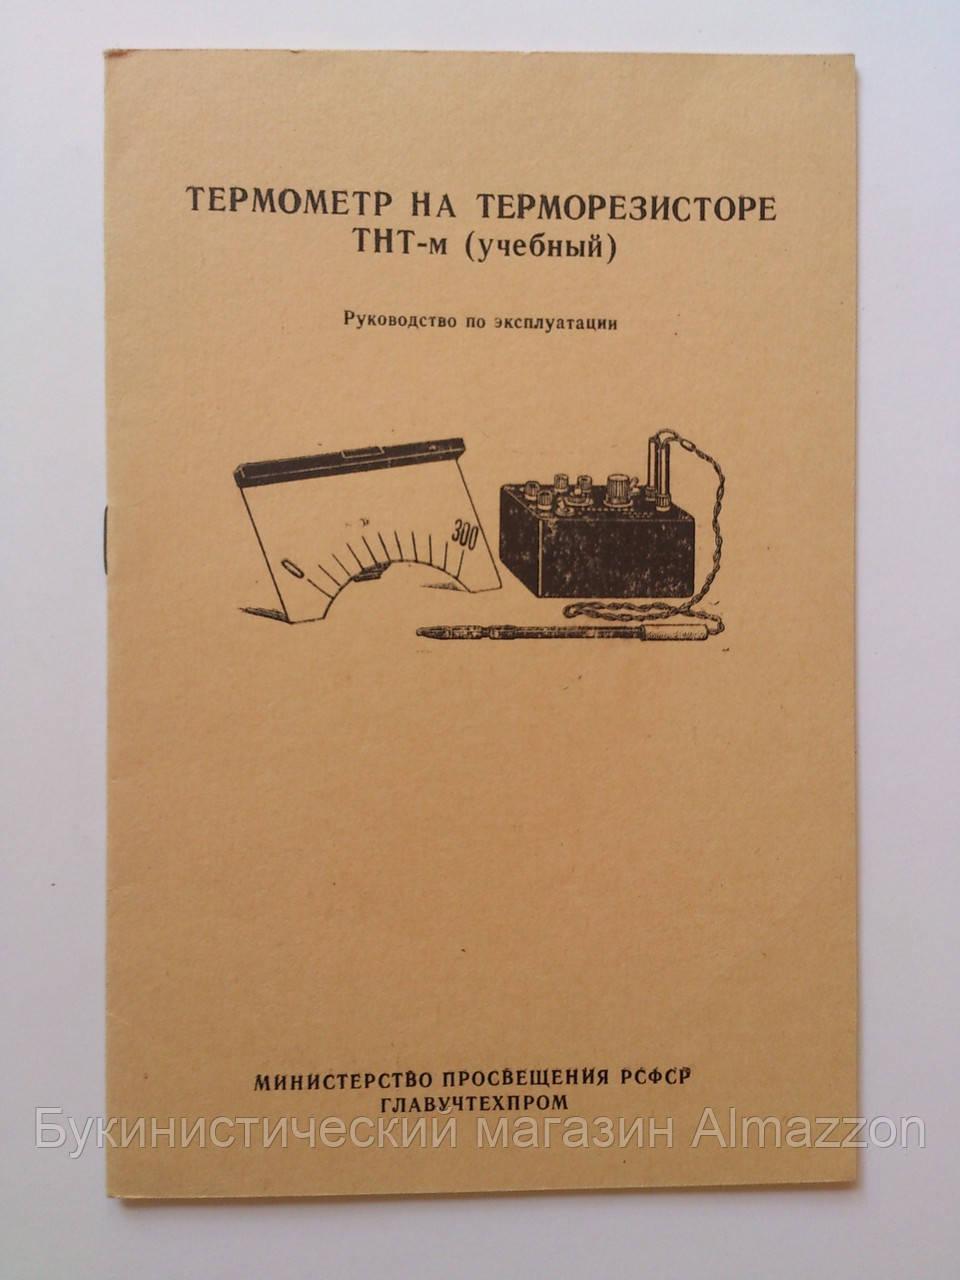 Термометр на терморезисторе ТНТ-м (учебный). Руководство по эксплуатации. Главучтехпром. 1978 год